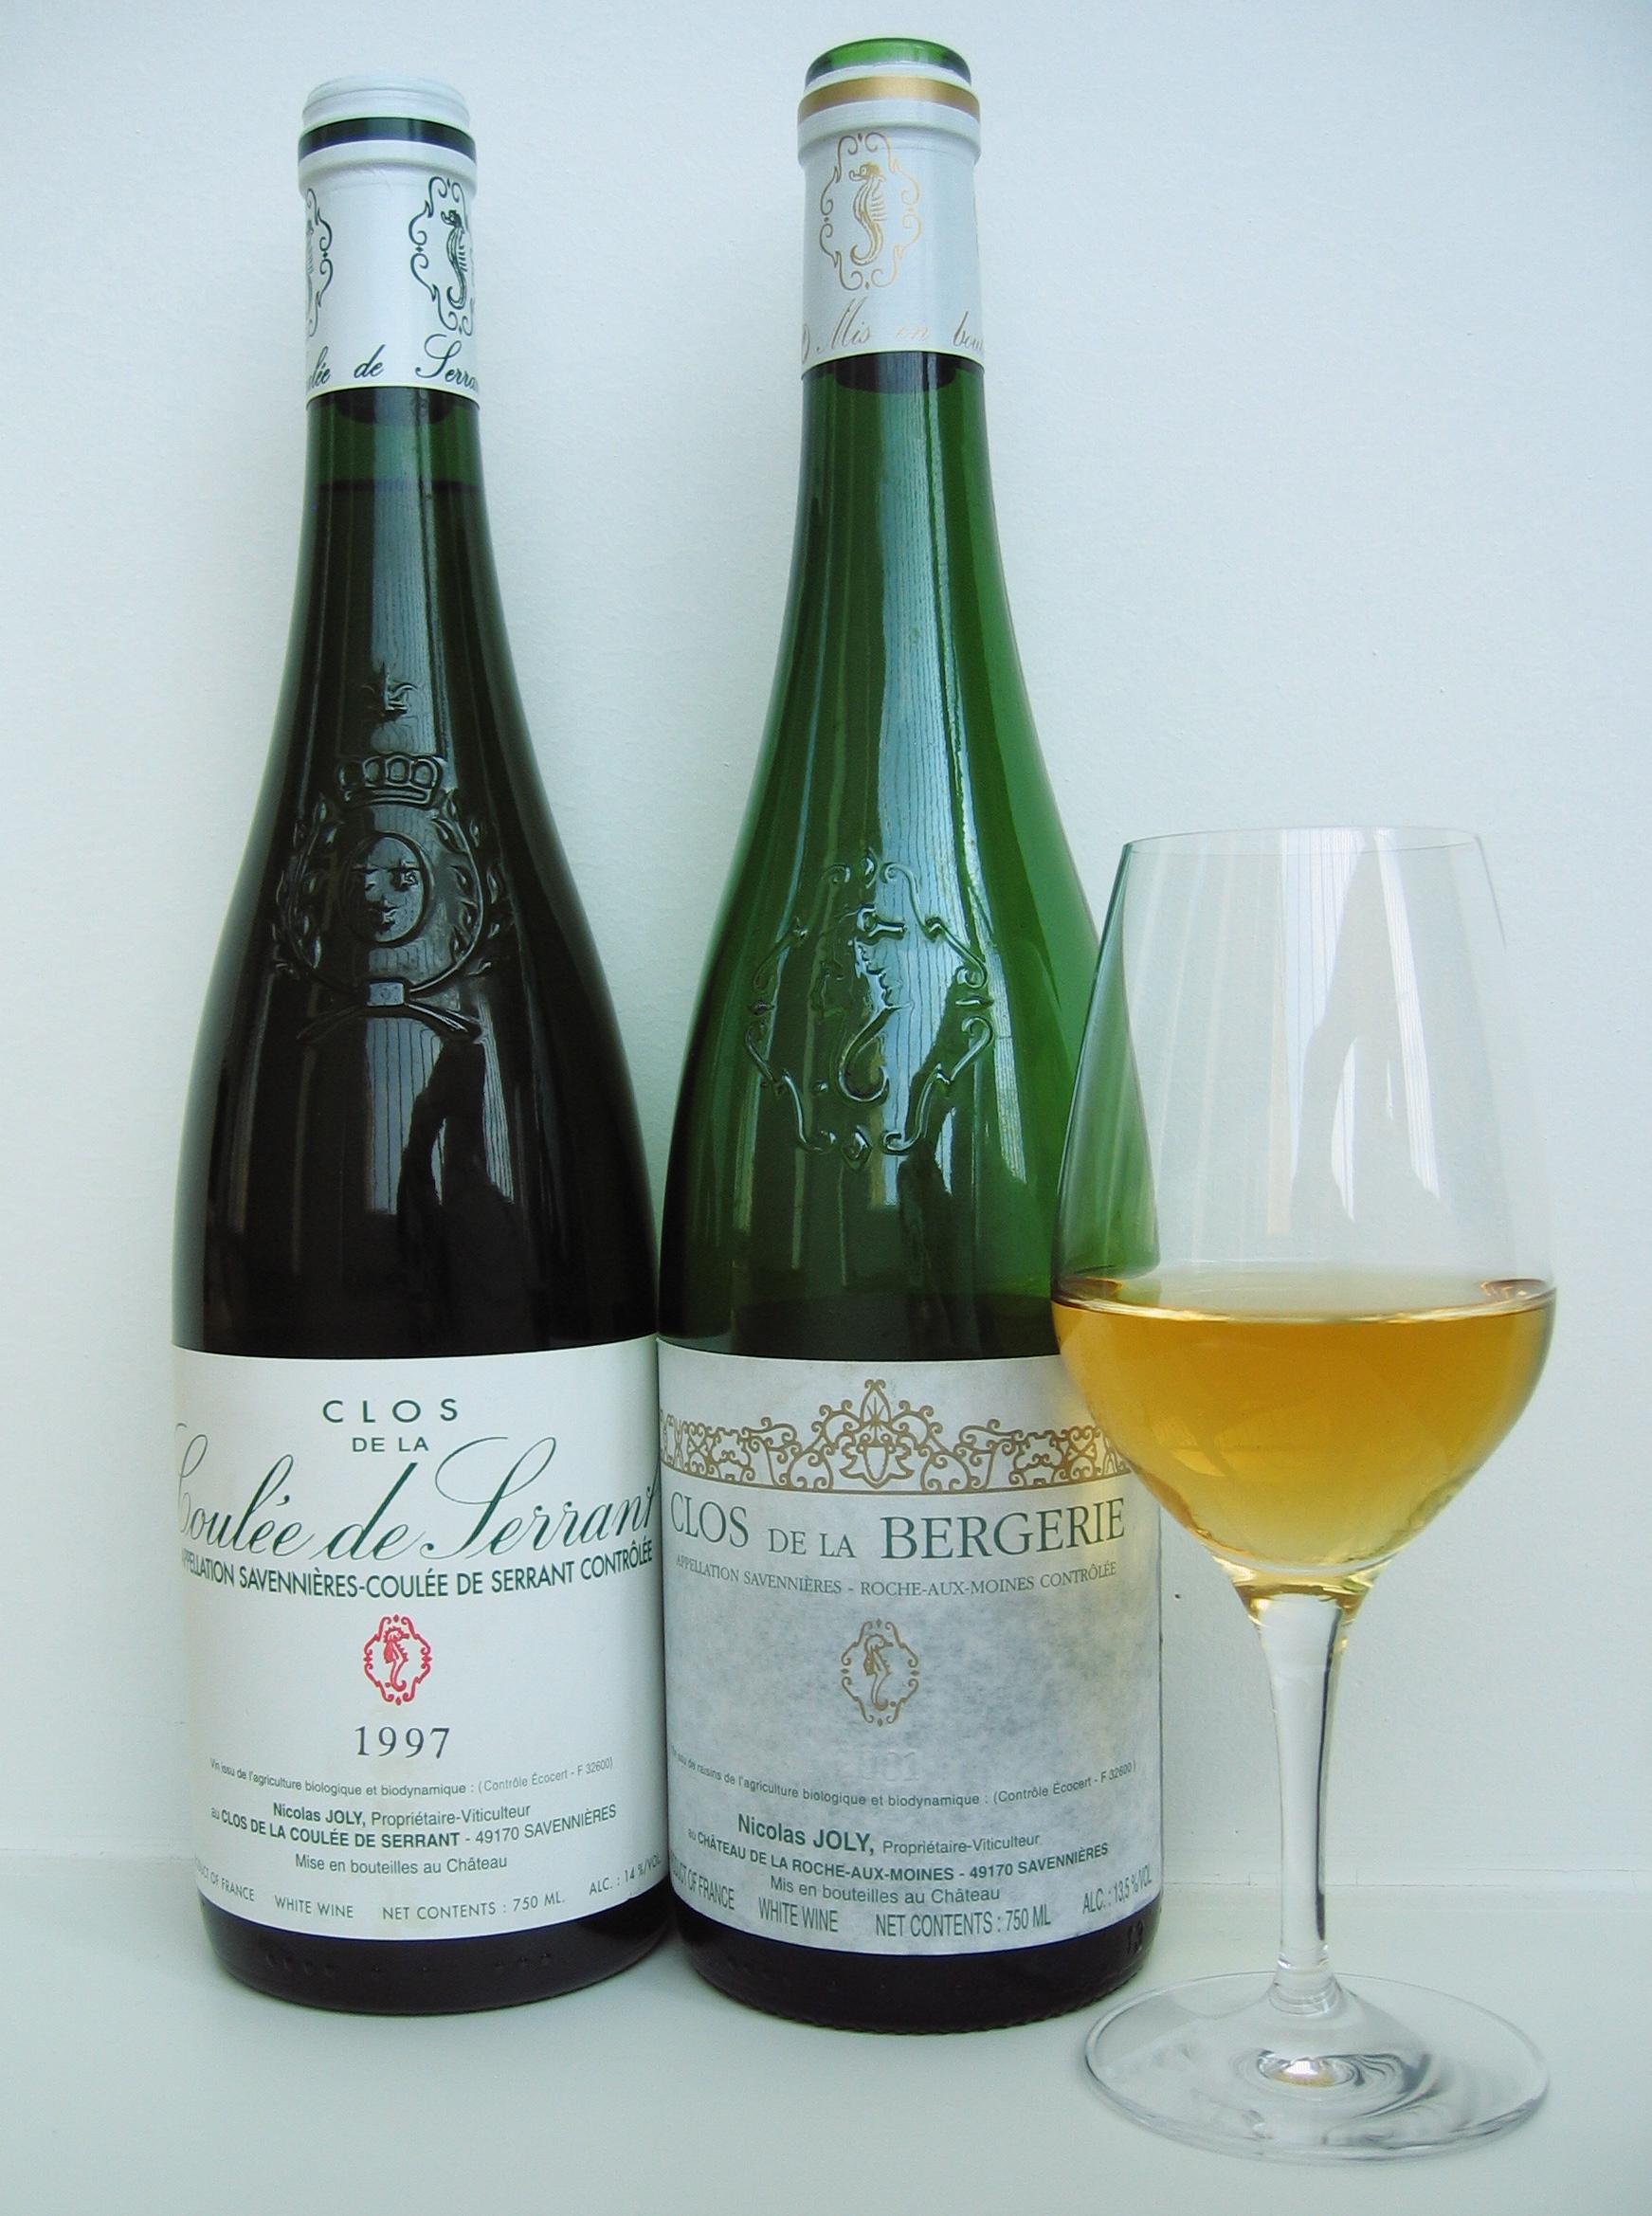 nicolas joly e seus vinhos